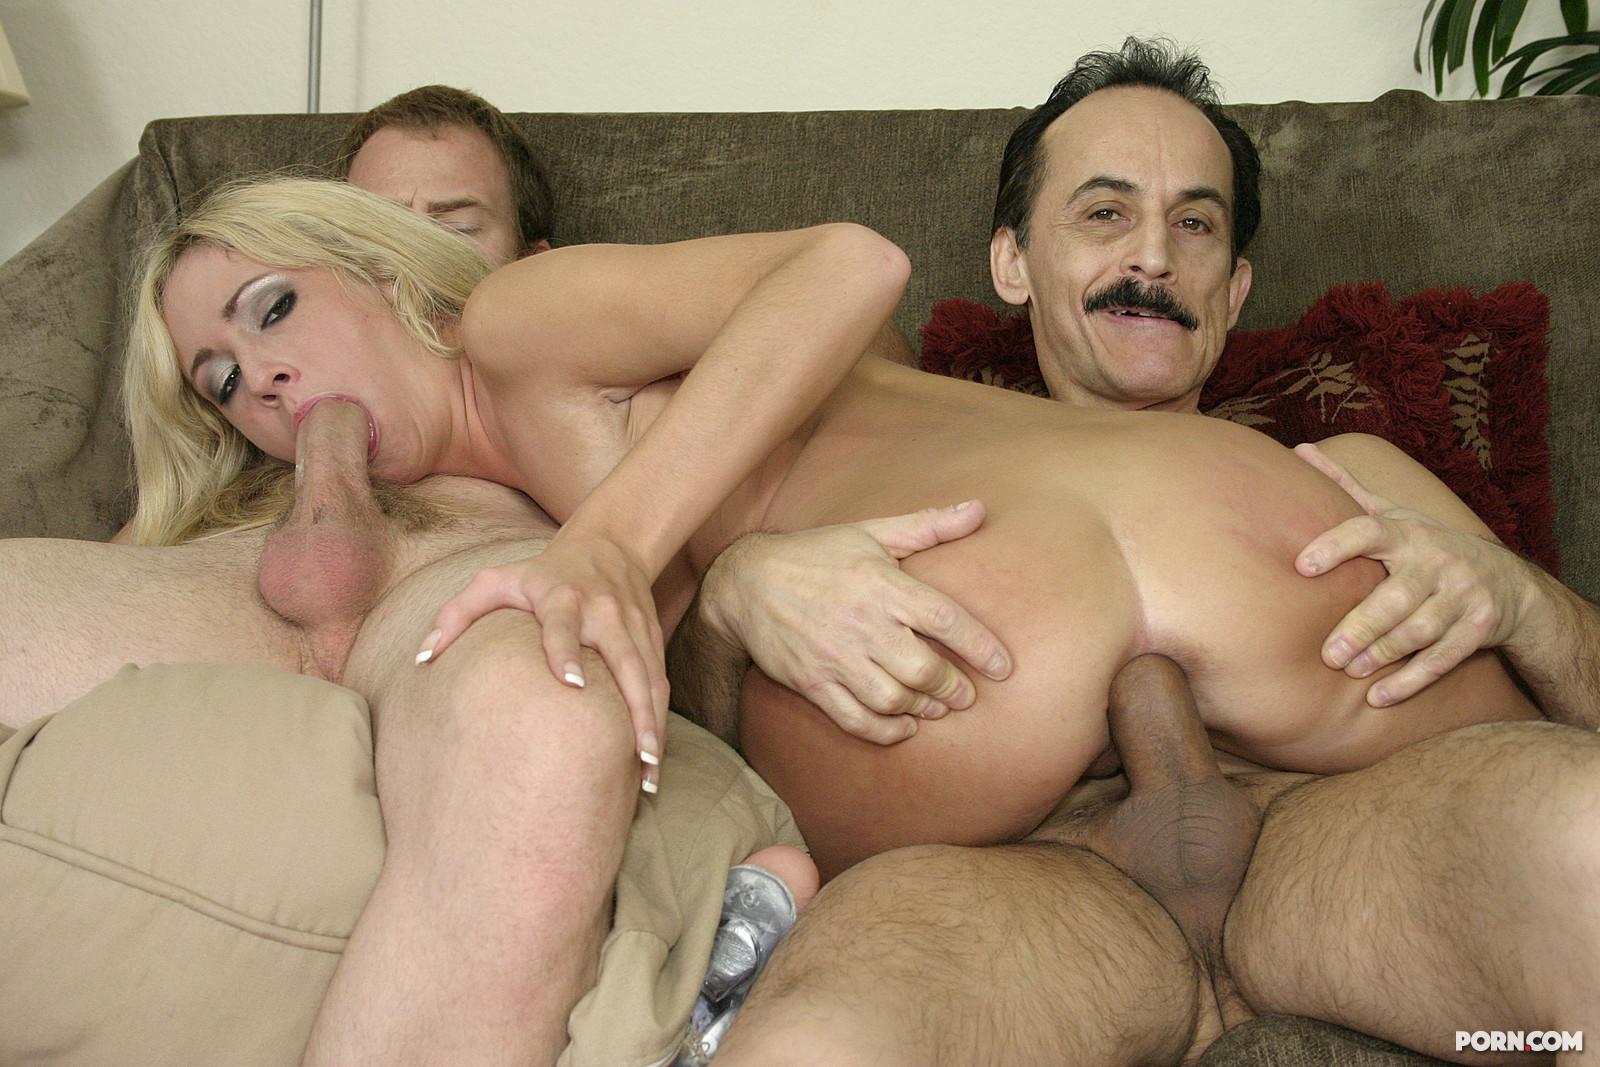 Блондинку трахают сразу в два члена, заставляя её сосать и пробовать сперму